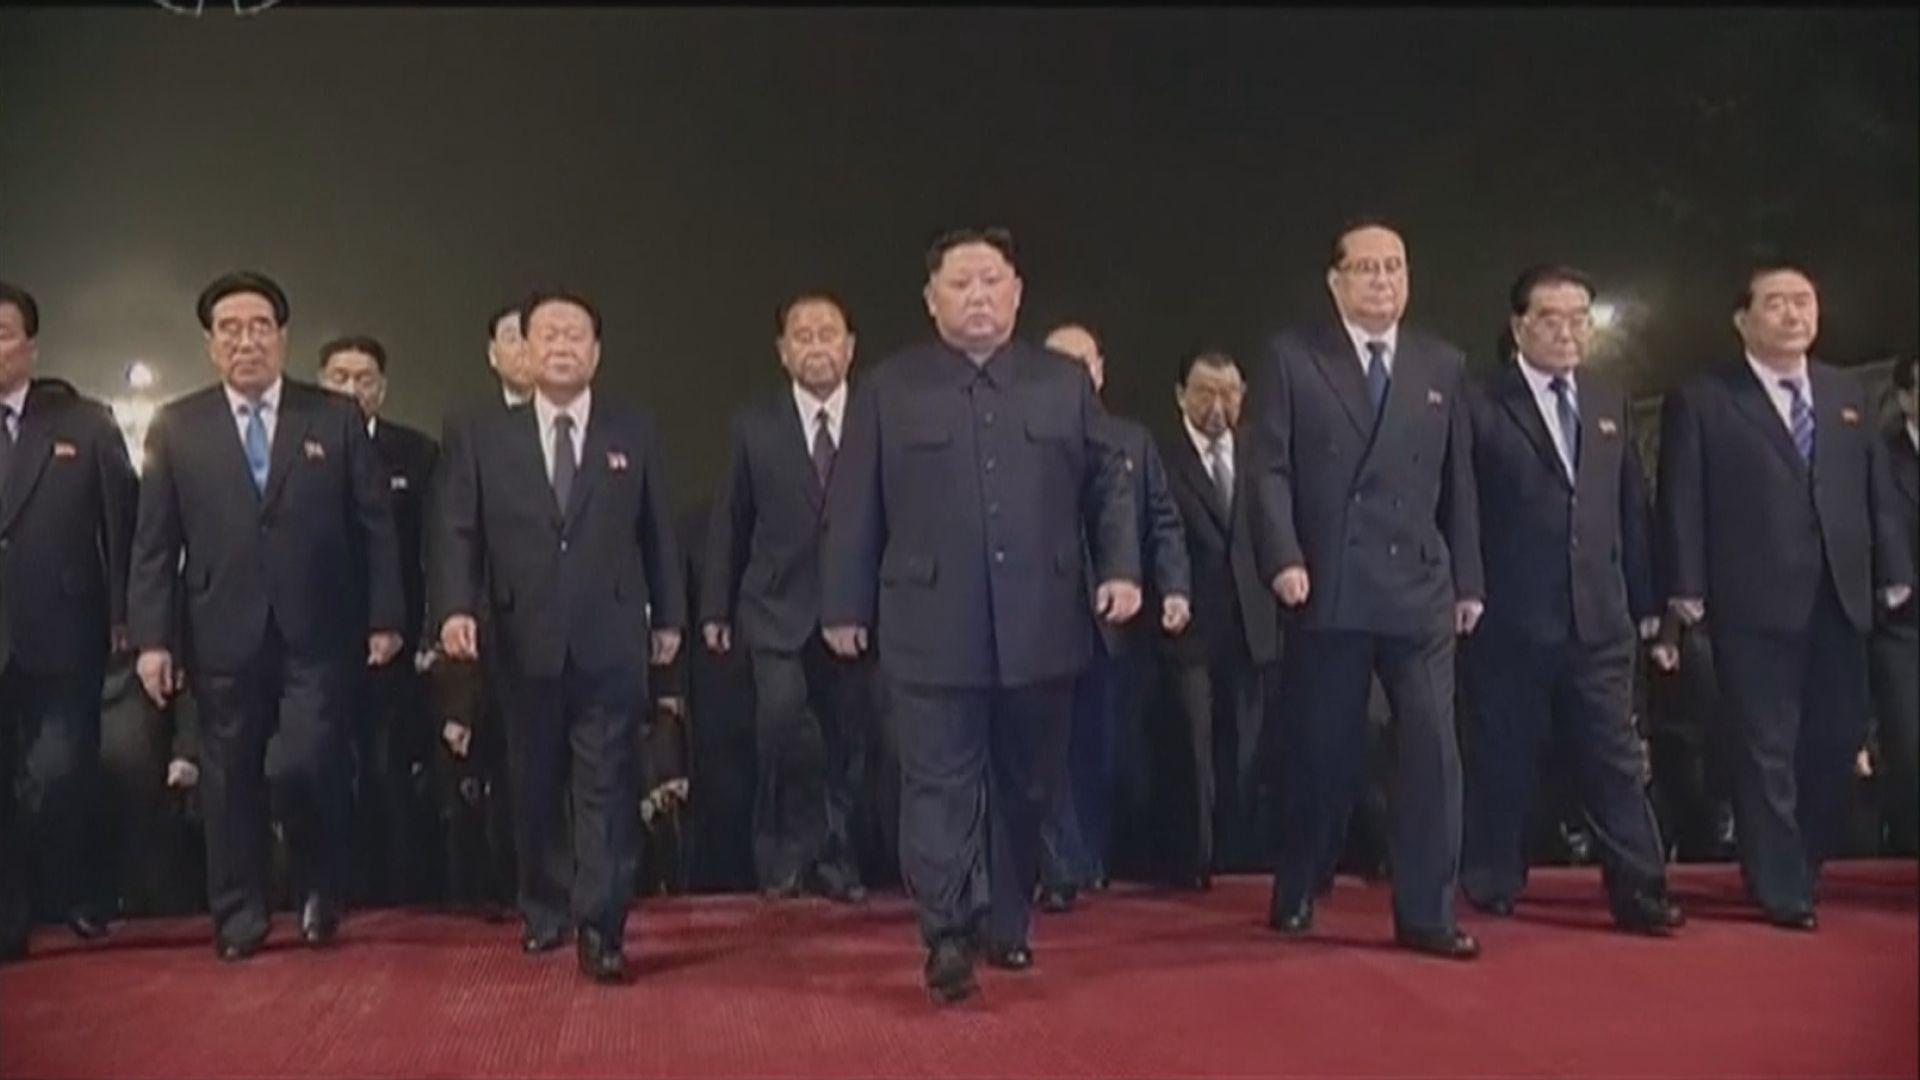 北韓斥美國制裁行為挑釁 堵塞無核化道路